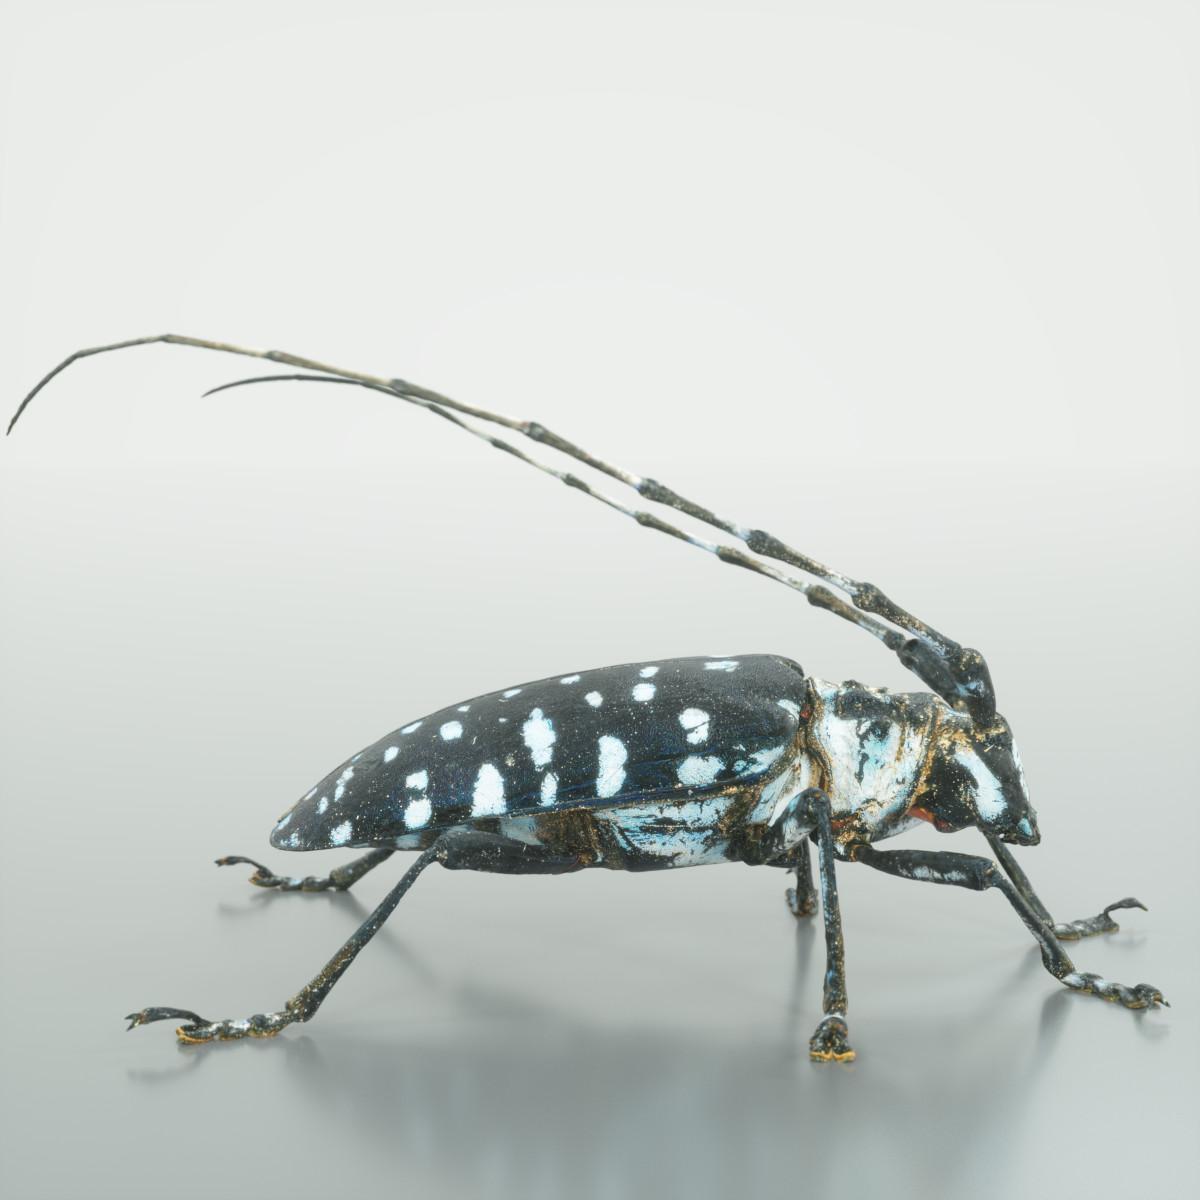 Calloplophora_Sollii_3D_Insect_Scan_Mark_Florquin_3D_Model_Render-3.png